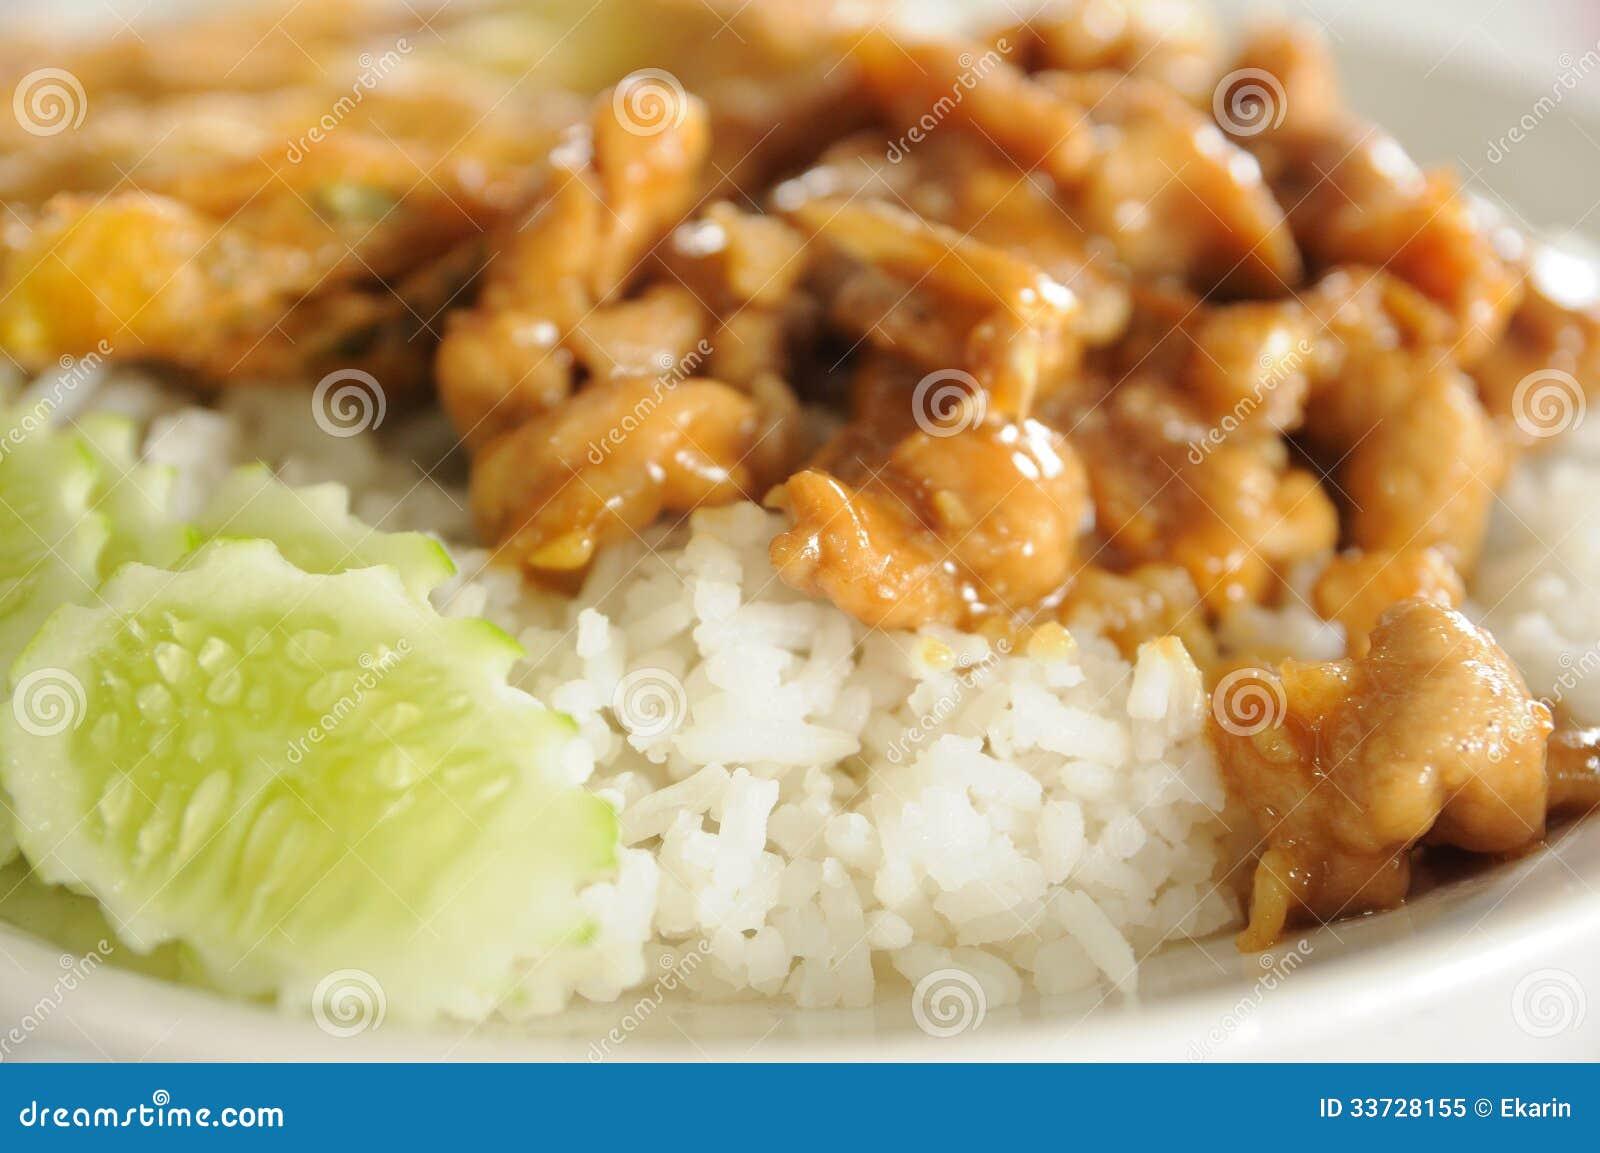 Тайская еда, омлет с чесноком свинины и перец.